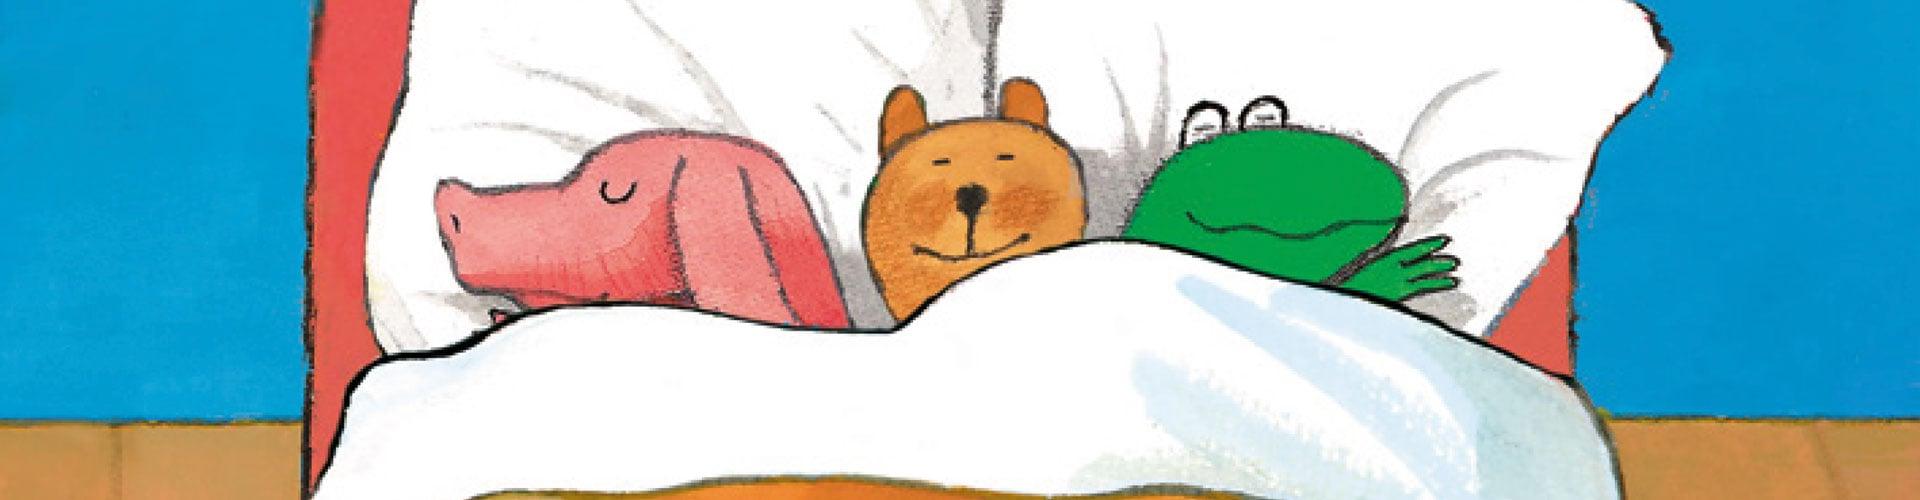 Naar-bed-naar-bed,-zei-duimelot